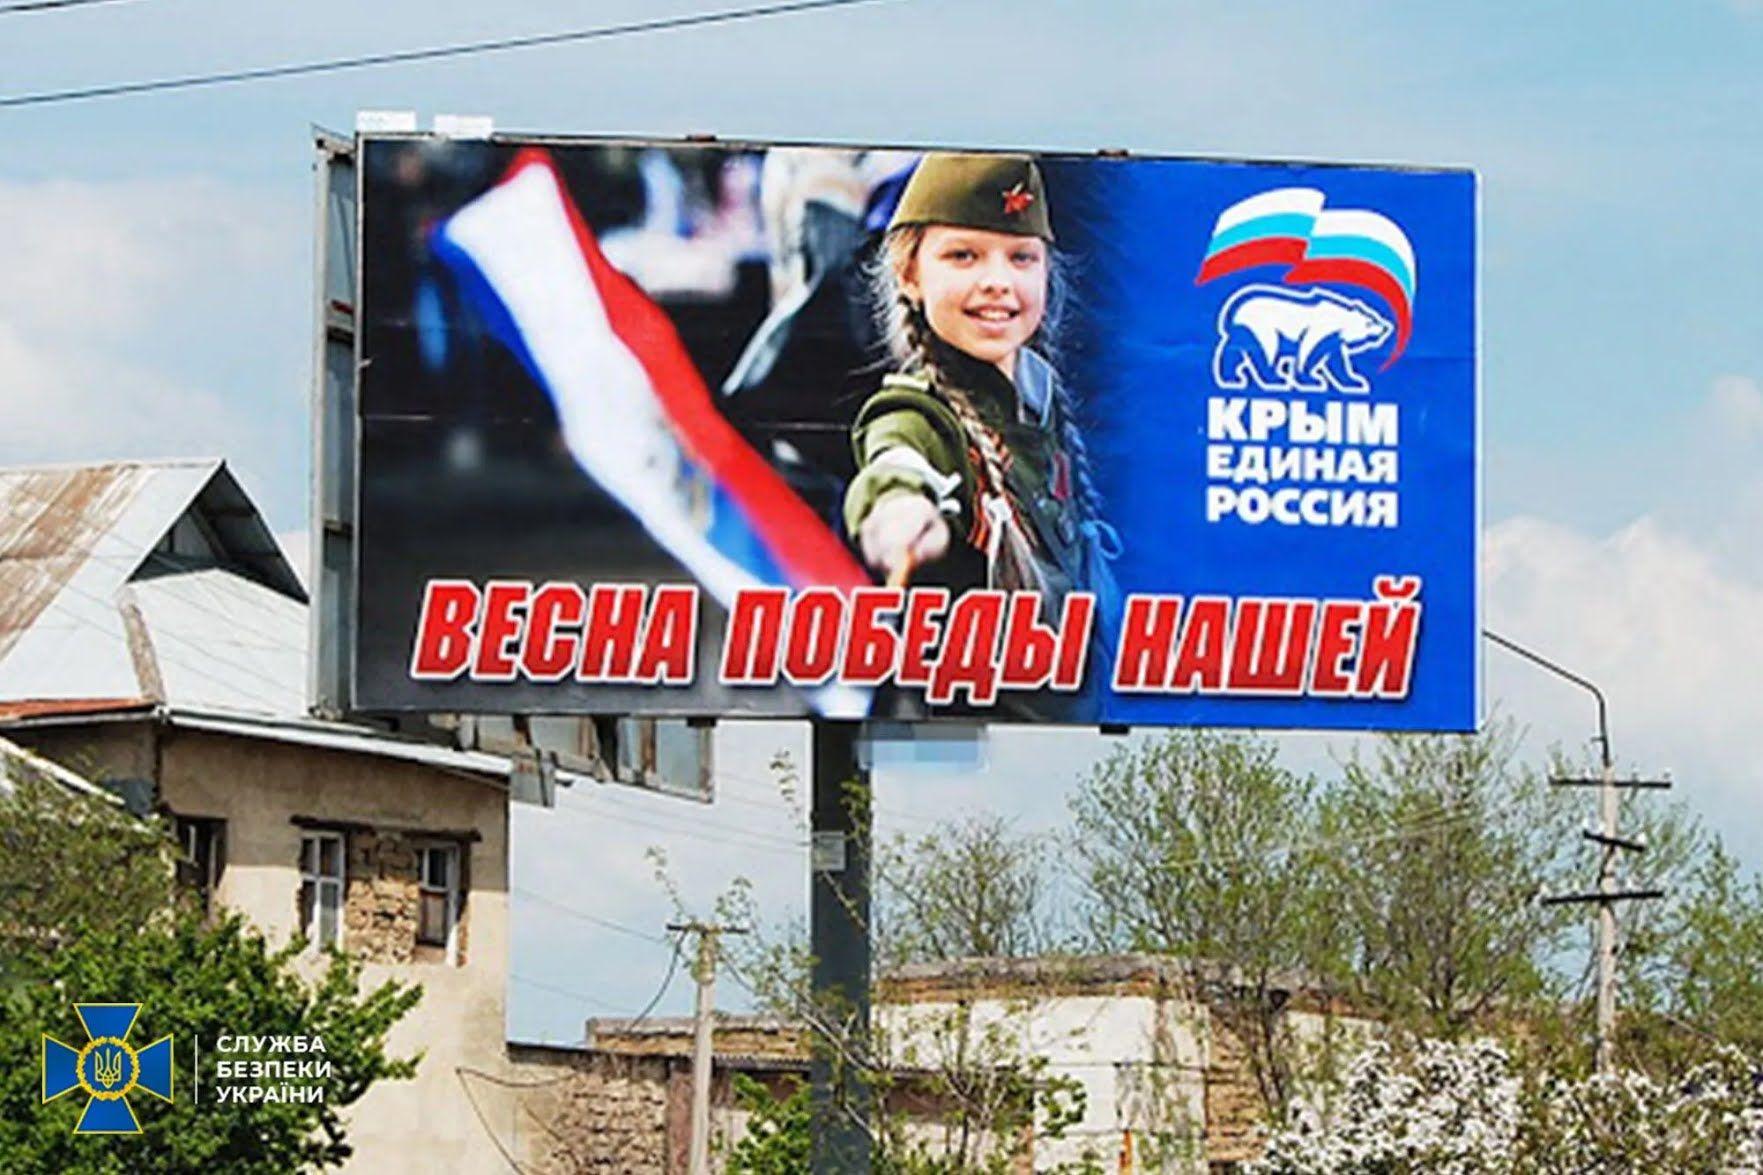 Агентство занималось разработкой информкампаний для оккупационных властей Крыма